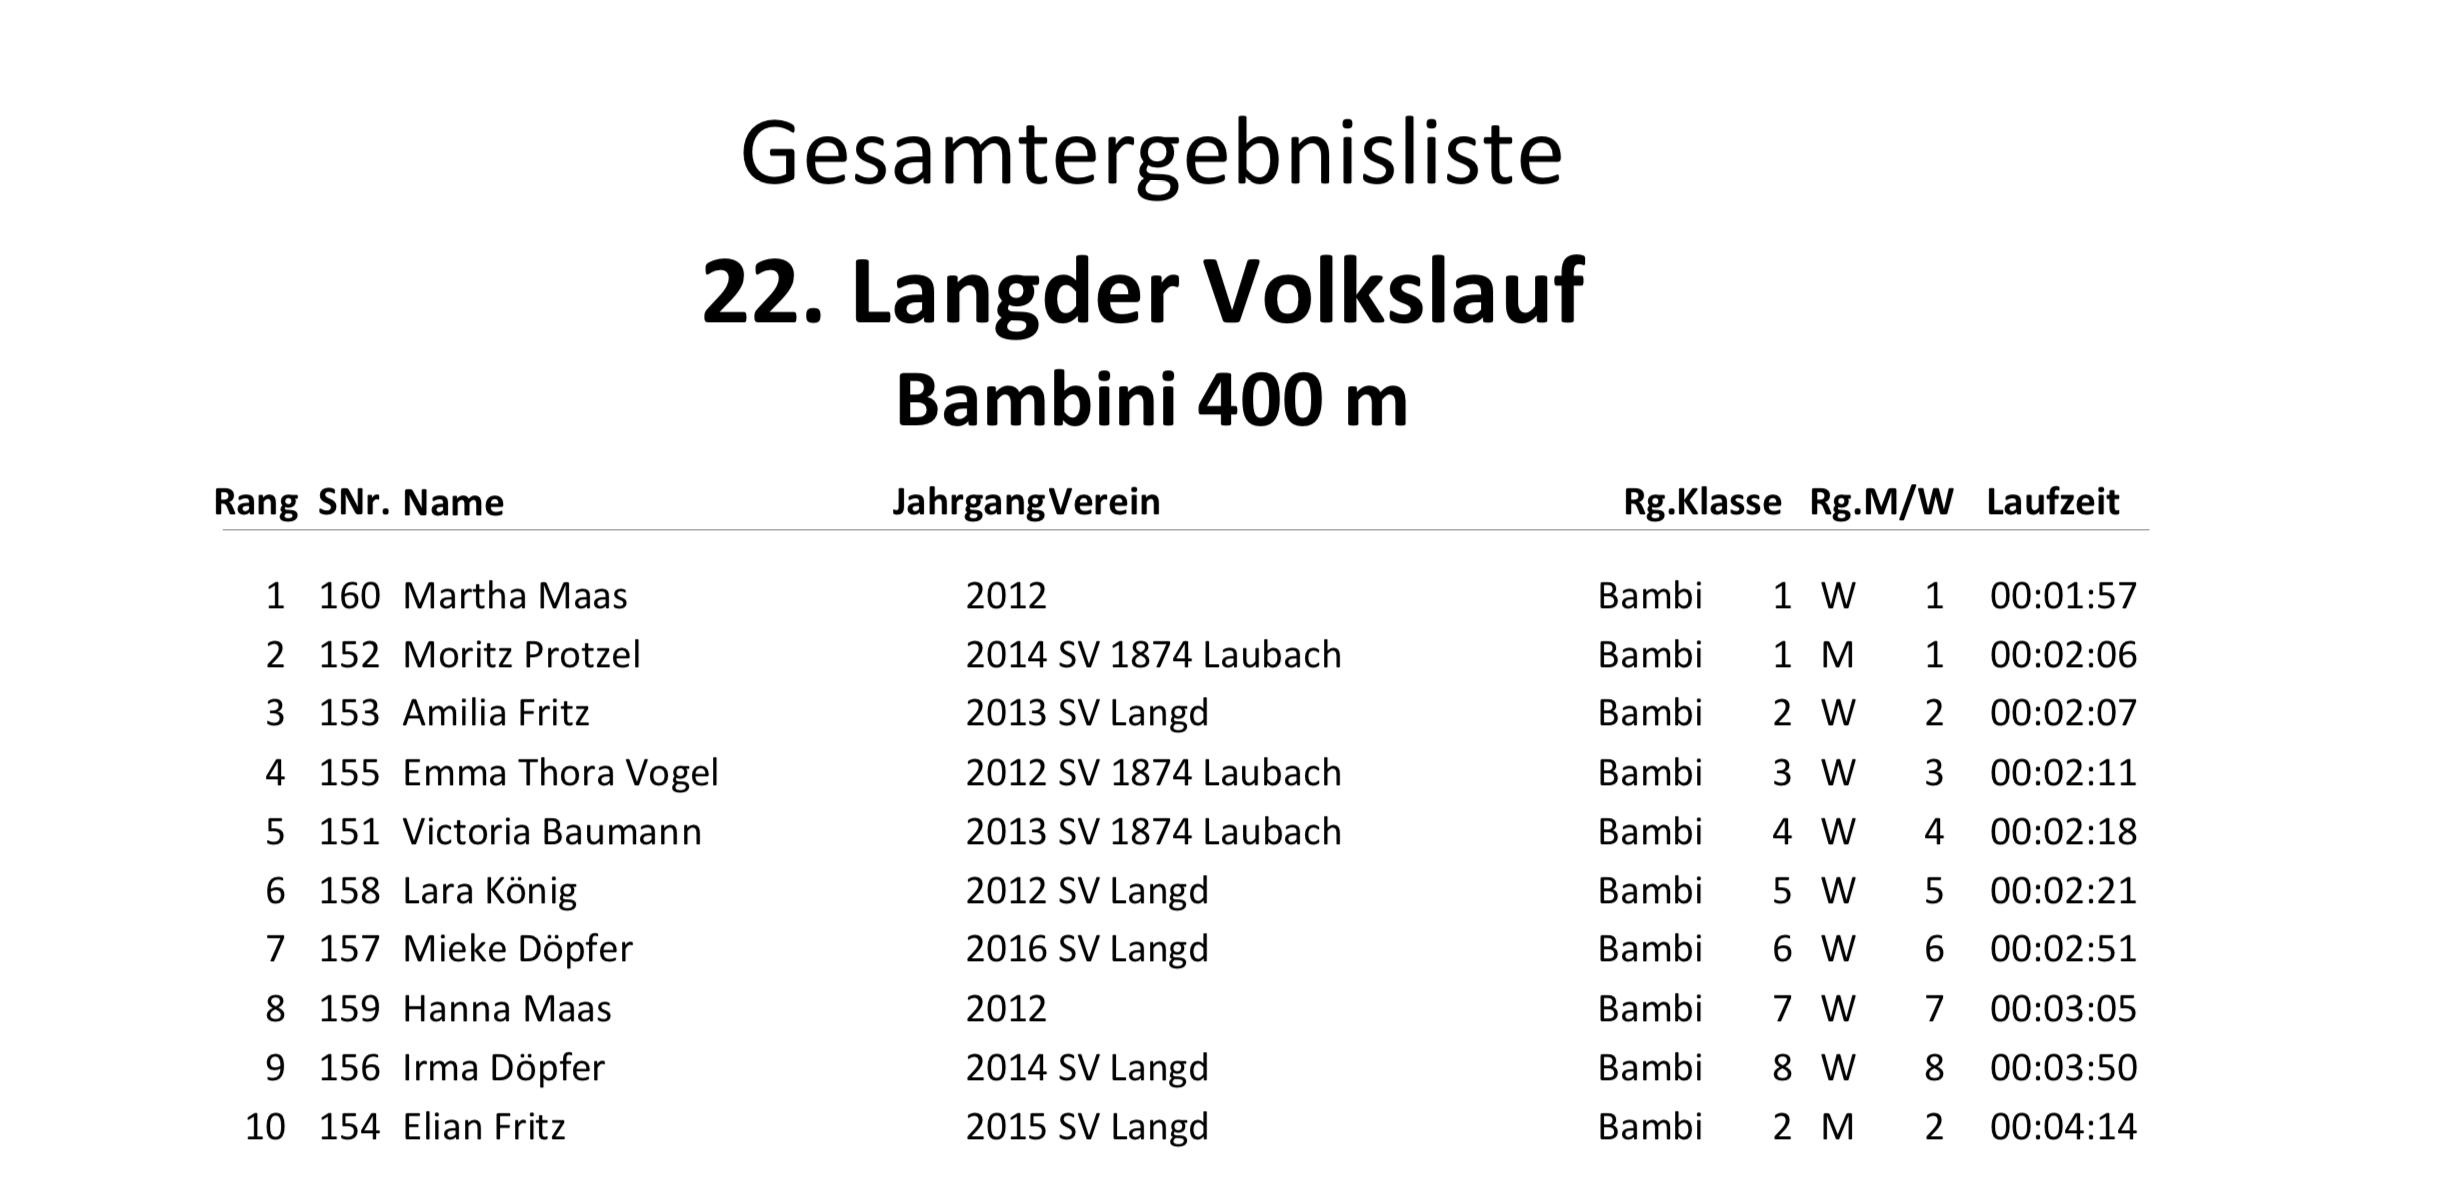 Gesamtergebnisliste 22. Langder Volkslauf 2019 Engel-Landschaftslauf-Cup Bambinis